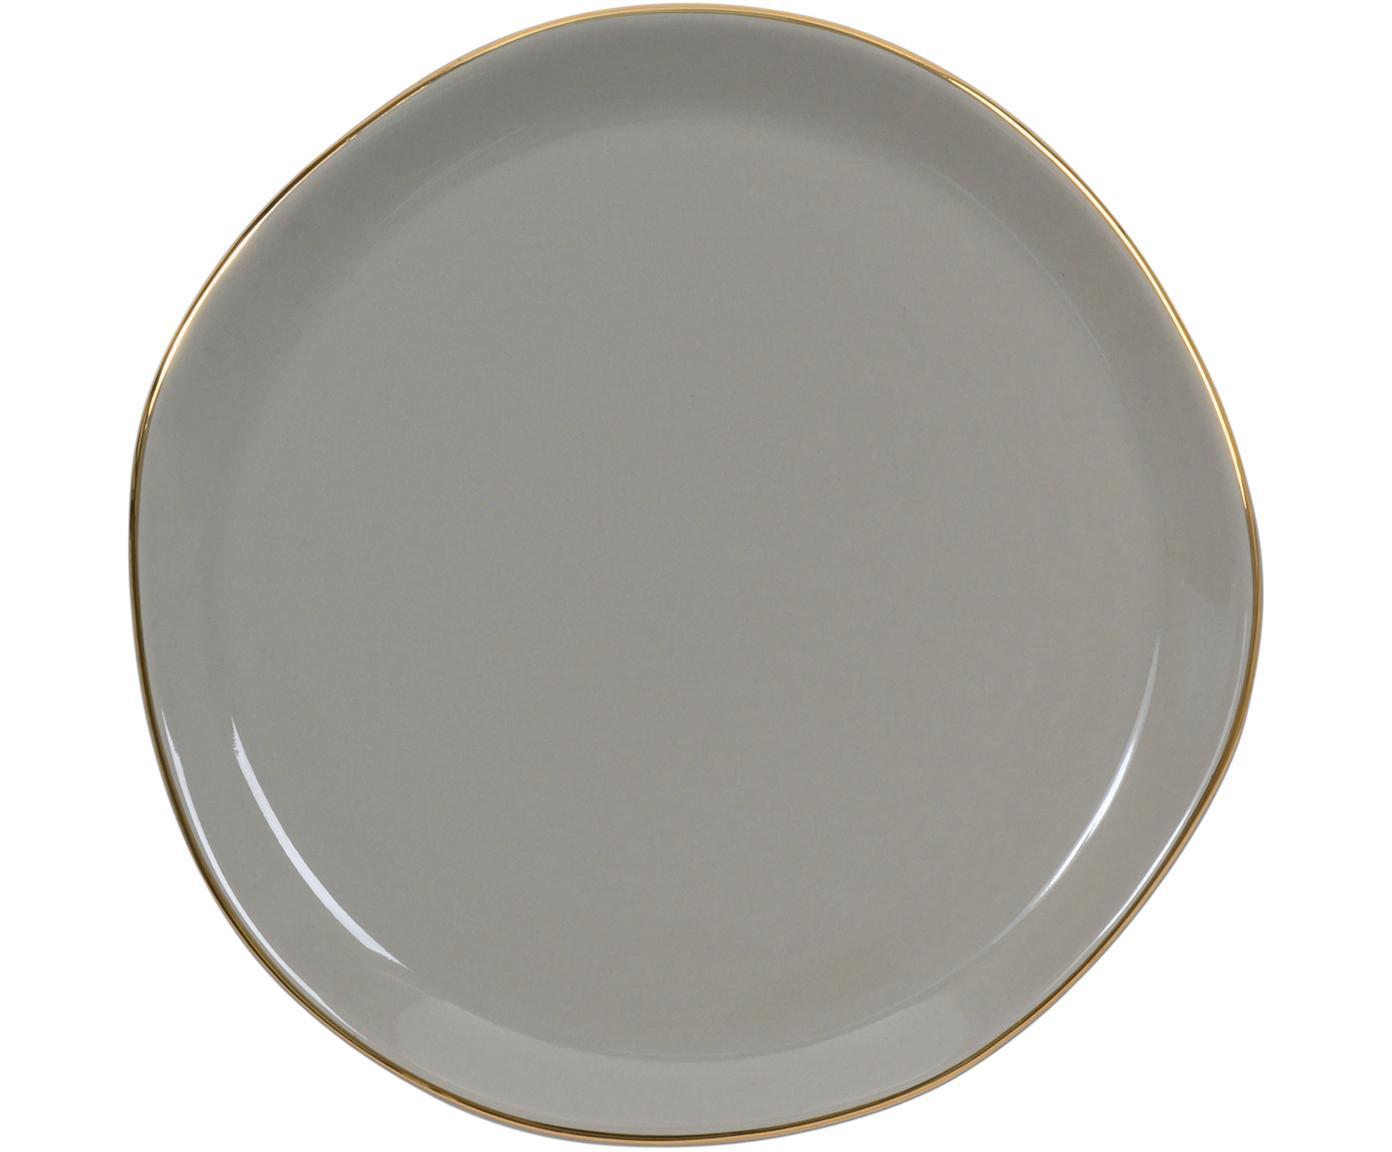 Broodbord Good Morning met goudkleurige rand, Keramiek, Grijs, goudkleurig, Ø 17 cm